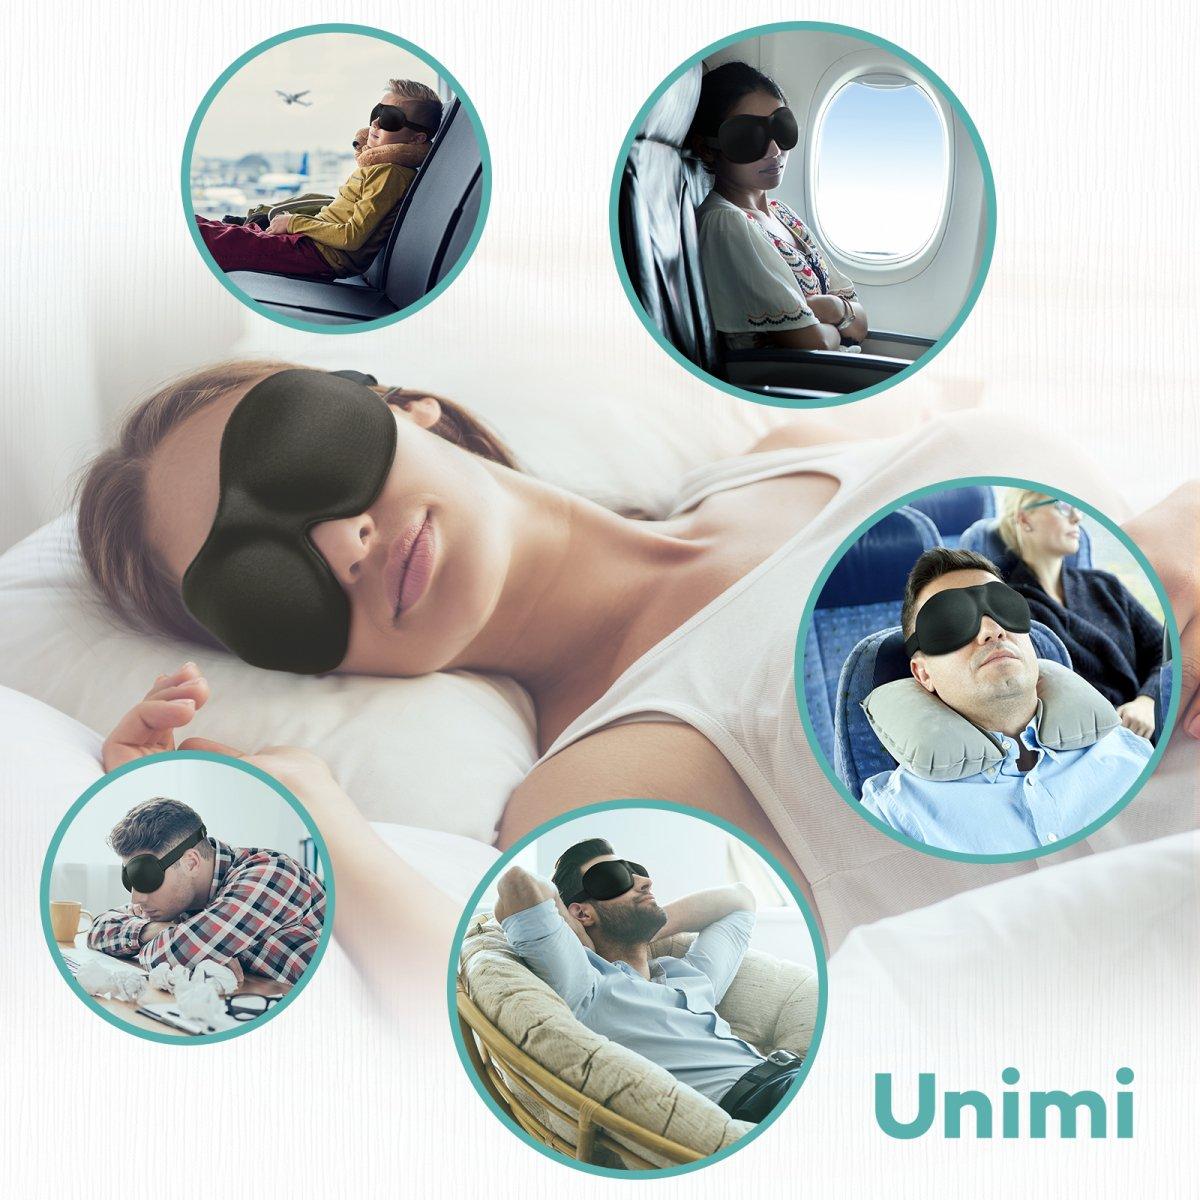 Unimi des Masque de sommeil Masque pour les yeux pour dormir